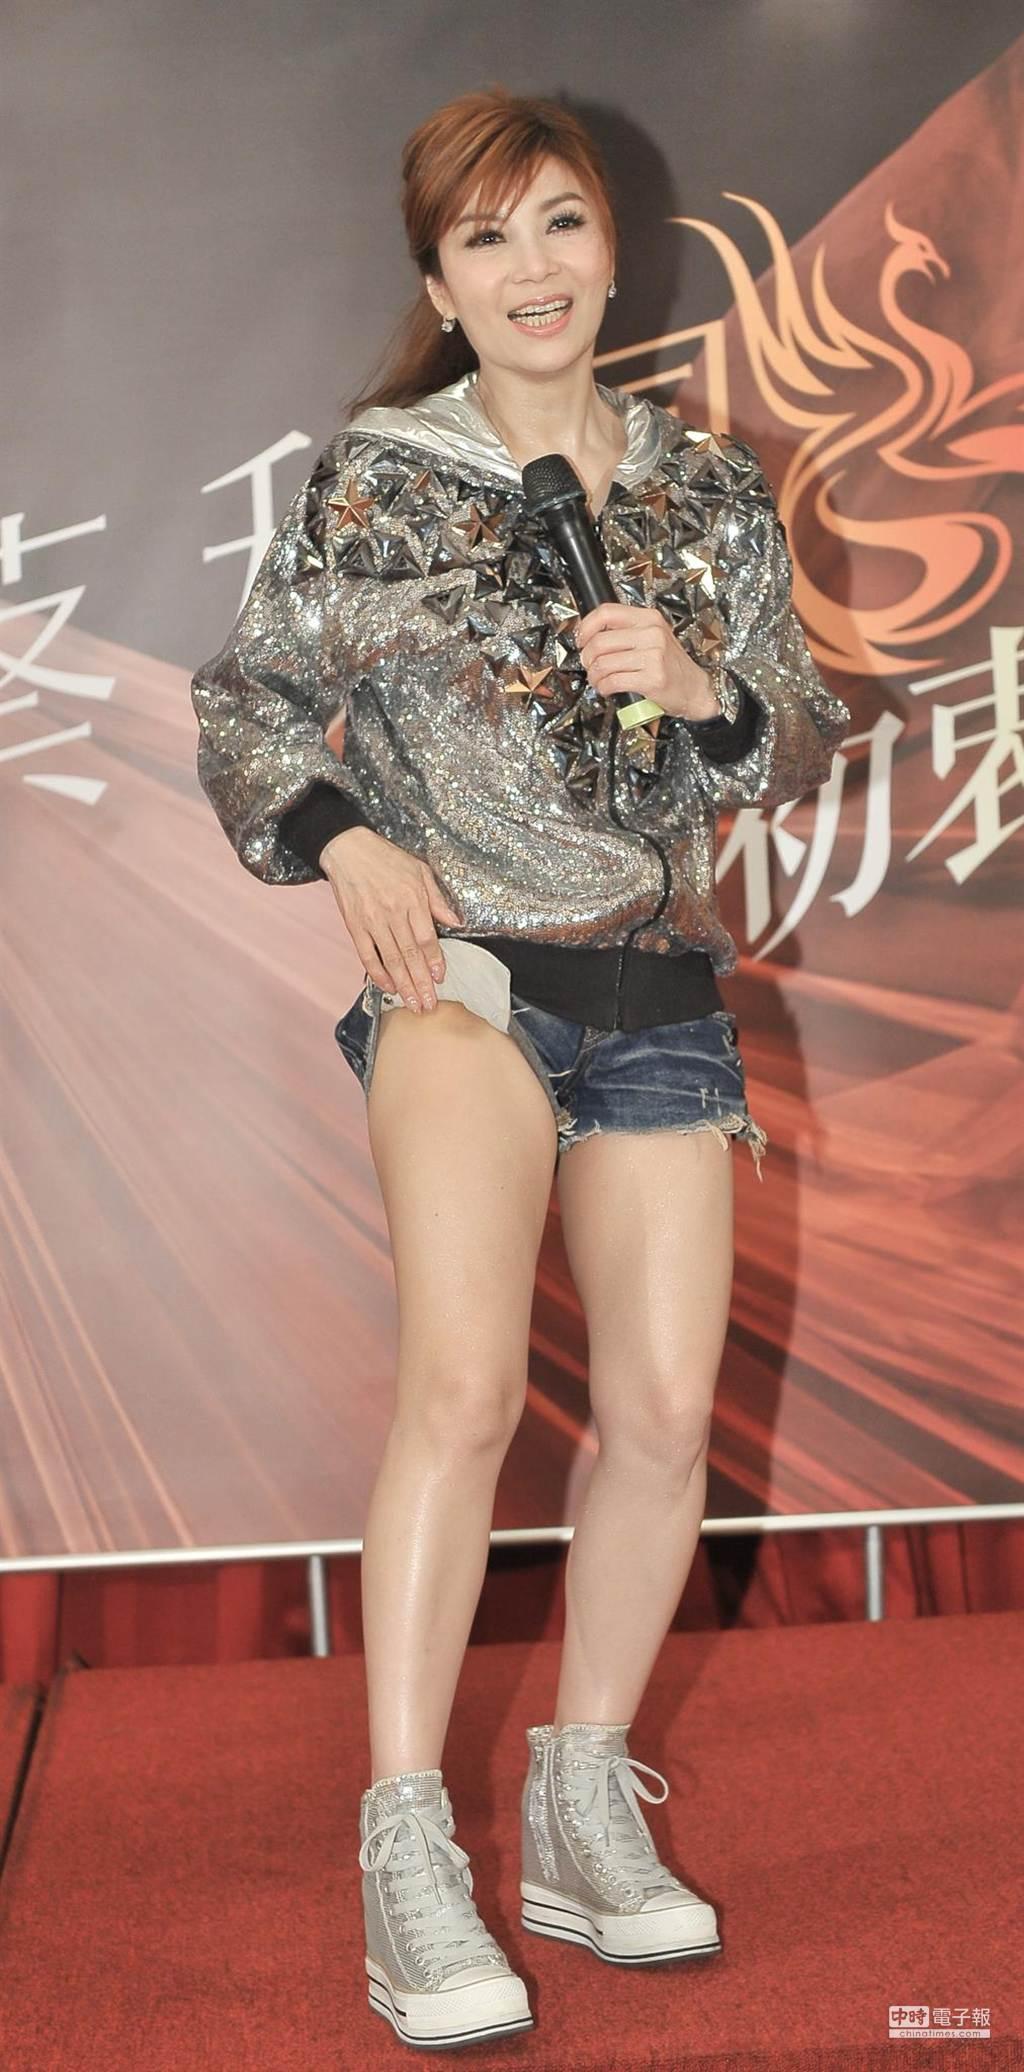 蔡秋鳳「初衷」演唱會慶功宴上,揭開短褲讓大家看看滿是瘀青的大腿。(盧禕祺攝)